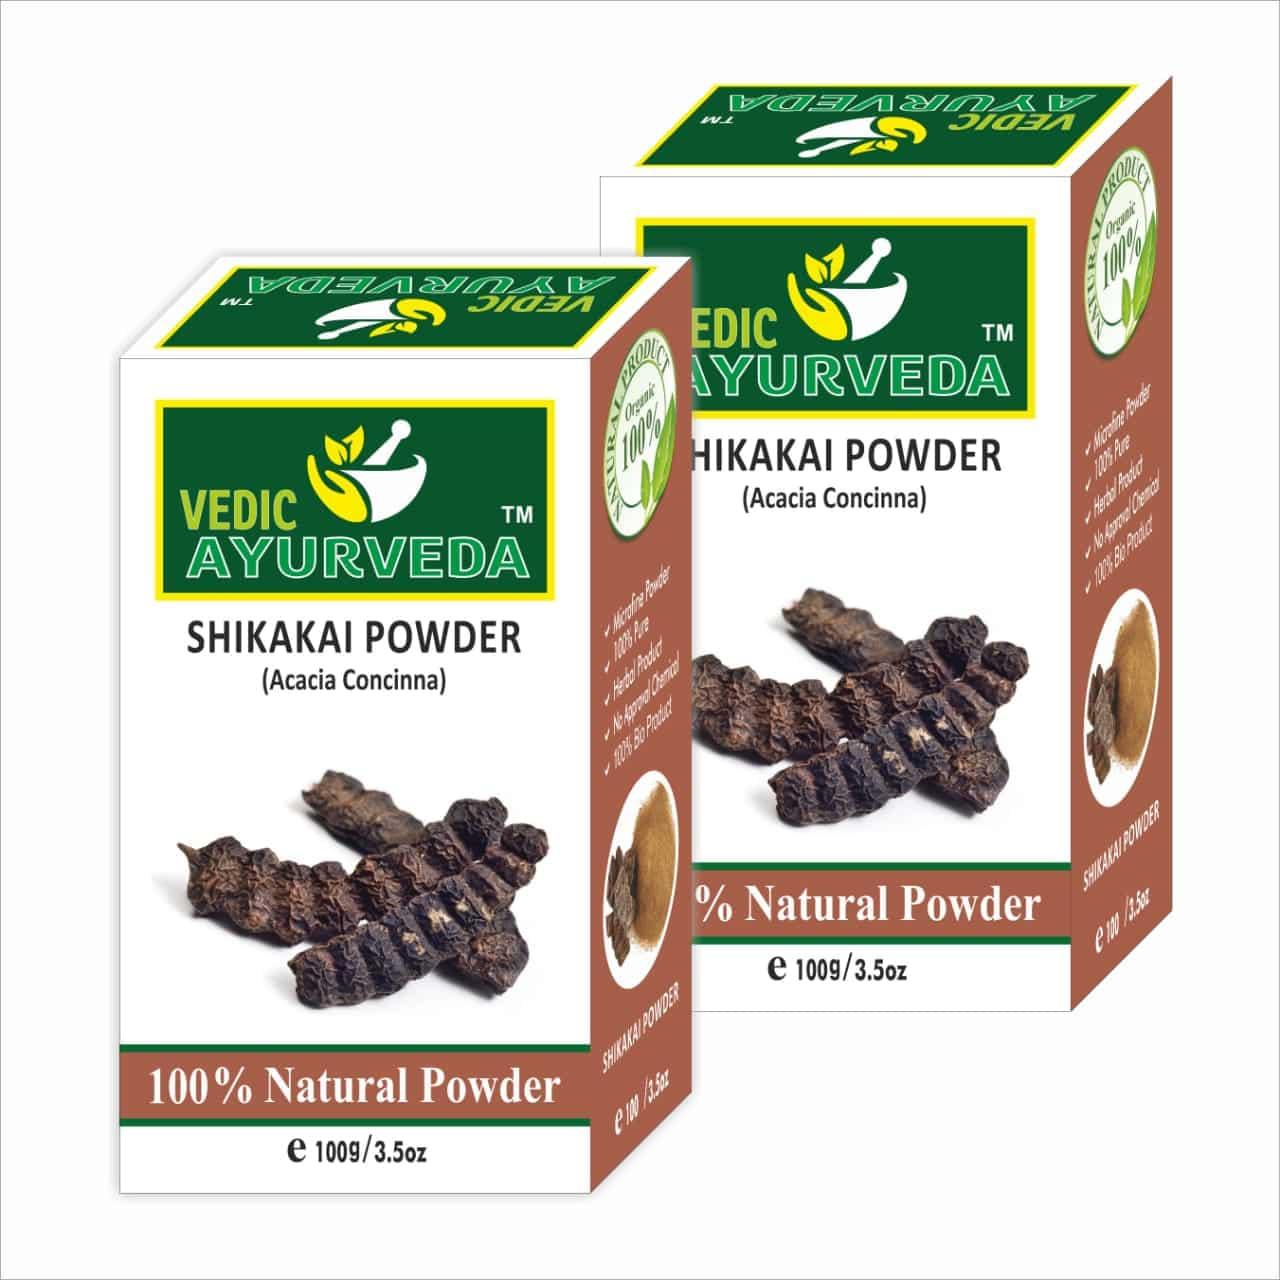 vedicayurvedas shikakai powder